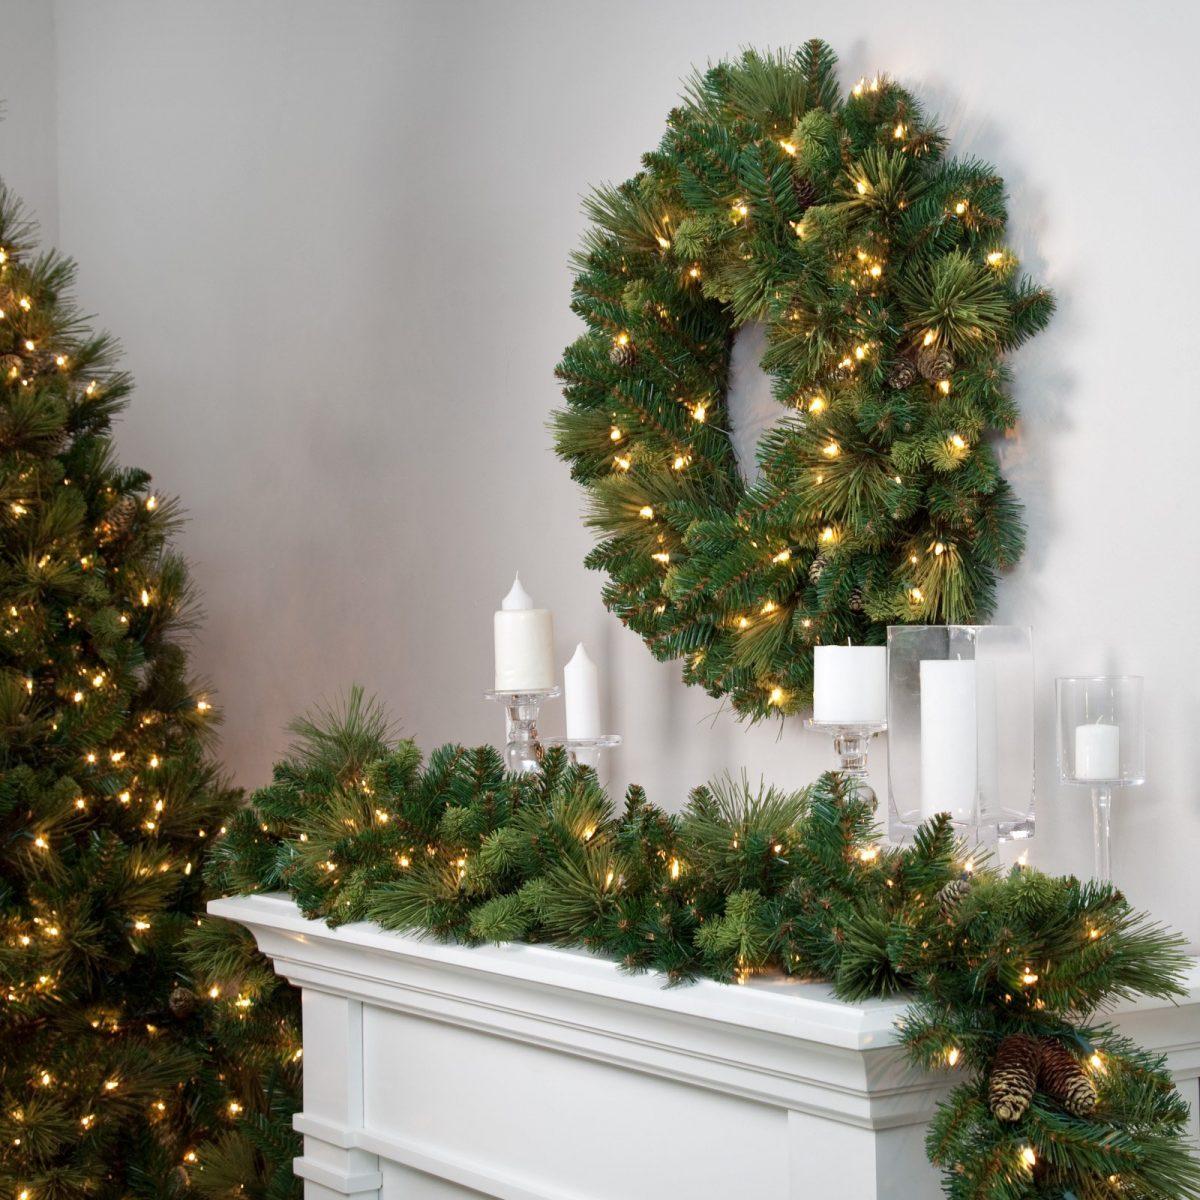 ghirlanda-natalizia-fai-da-te